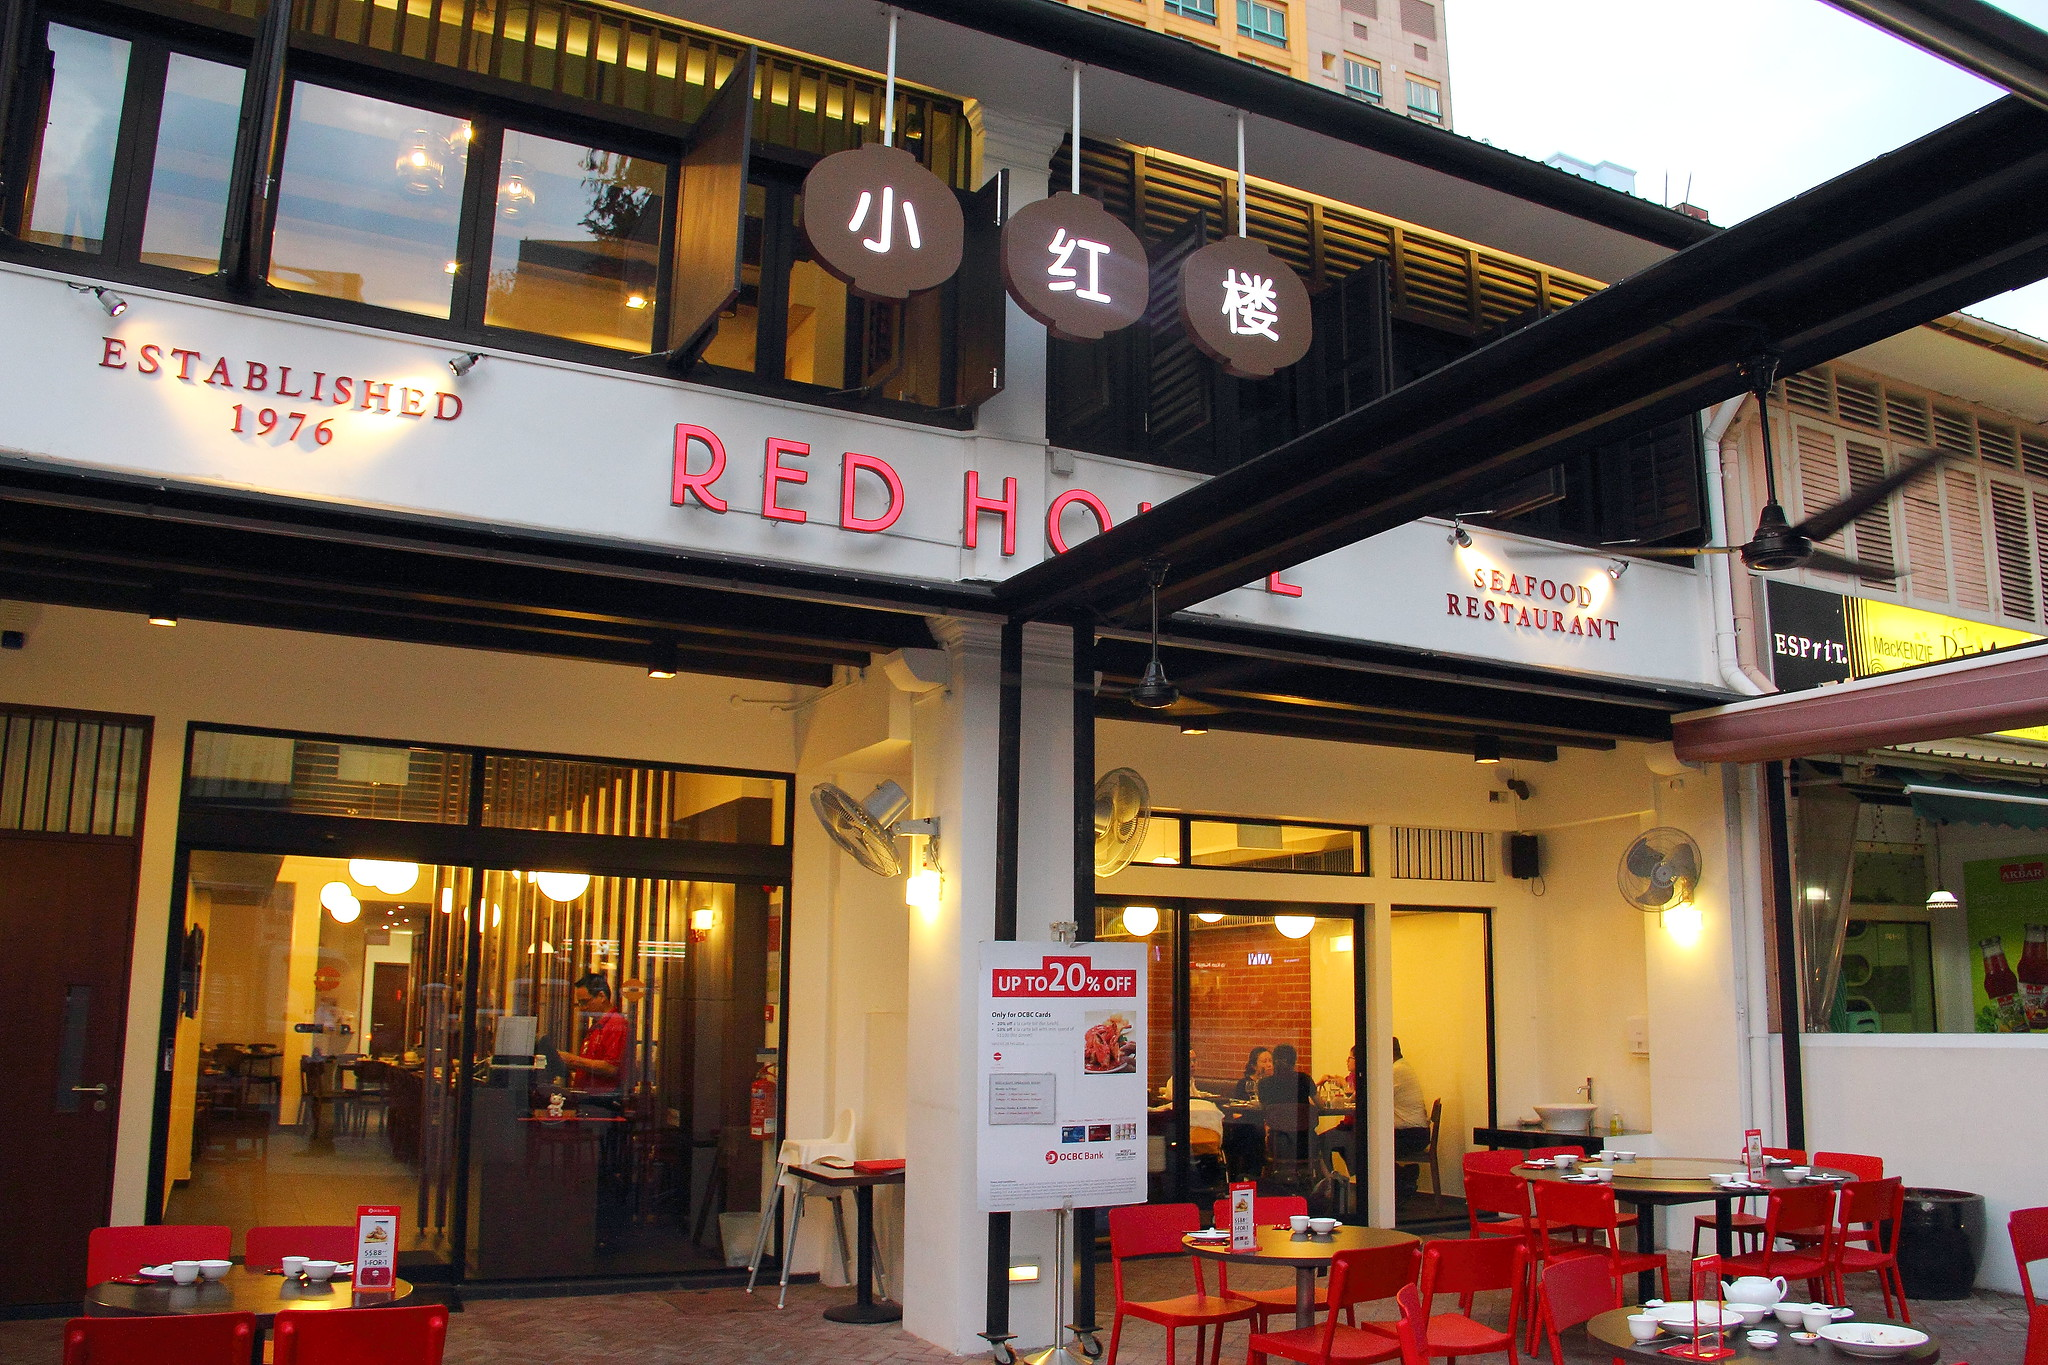 Dinner Restaurants Near Me Now